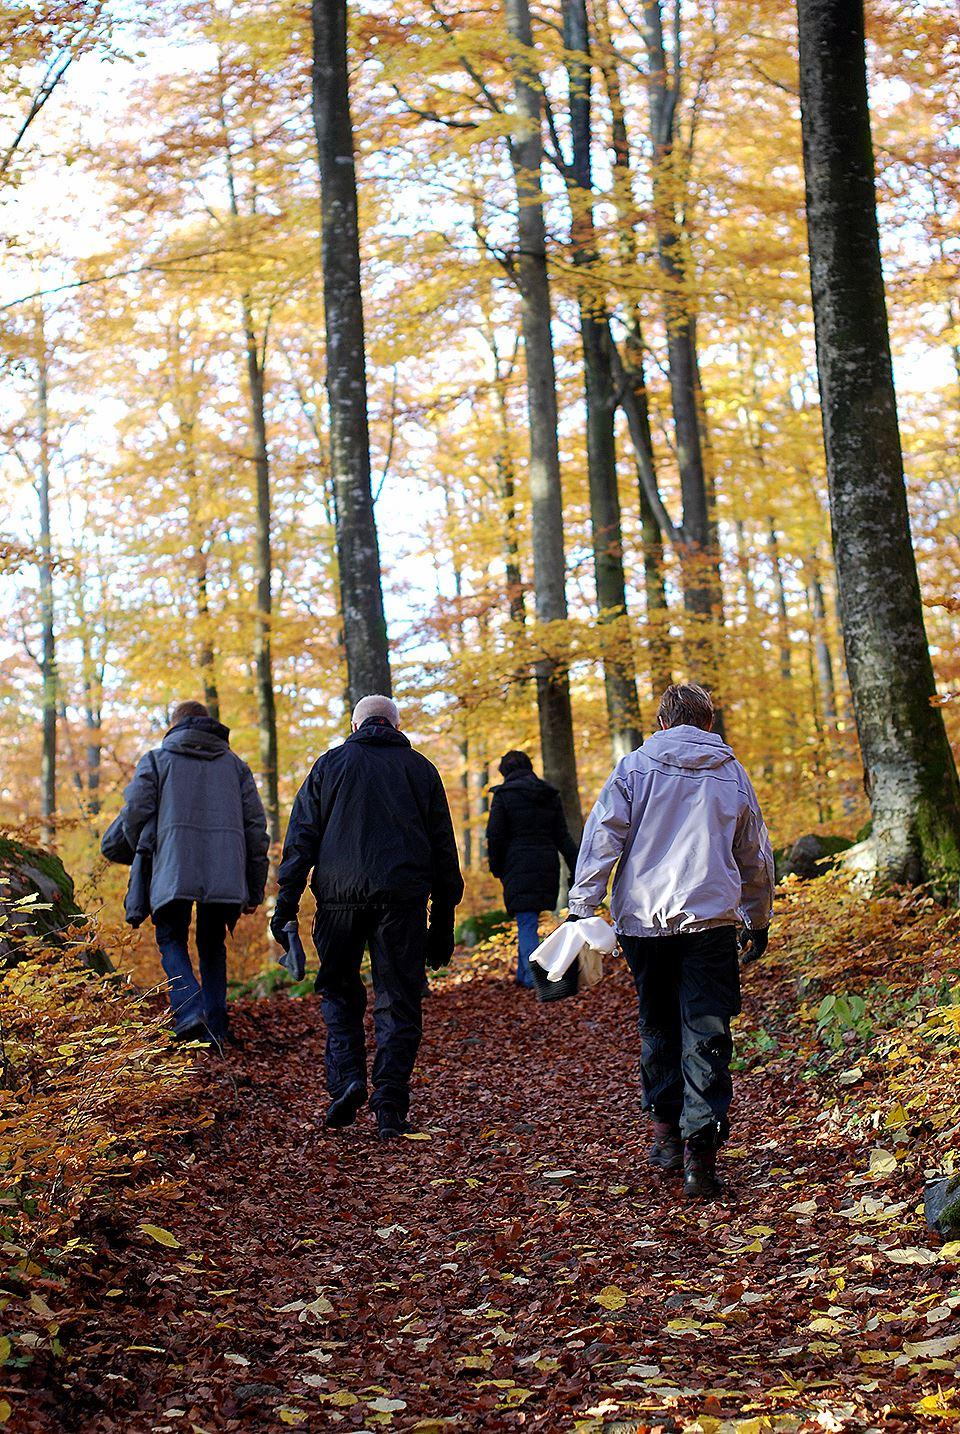 Fotograf: Kristianstads kommun/Cecilia Paulstrup, Balsberget og Balsbergsgrotten